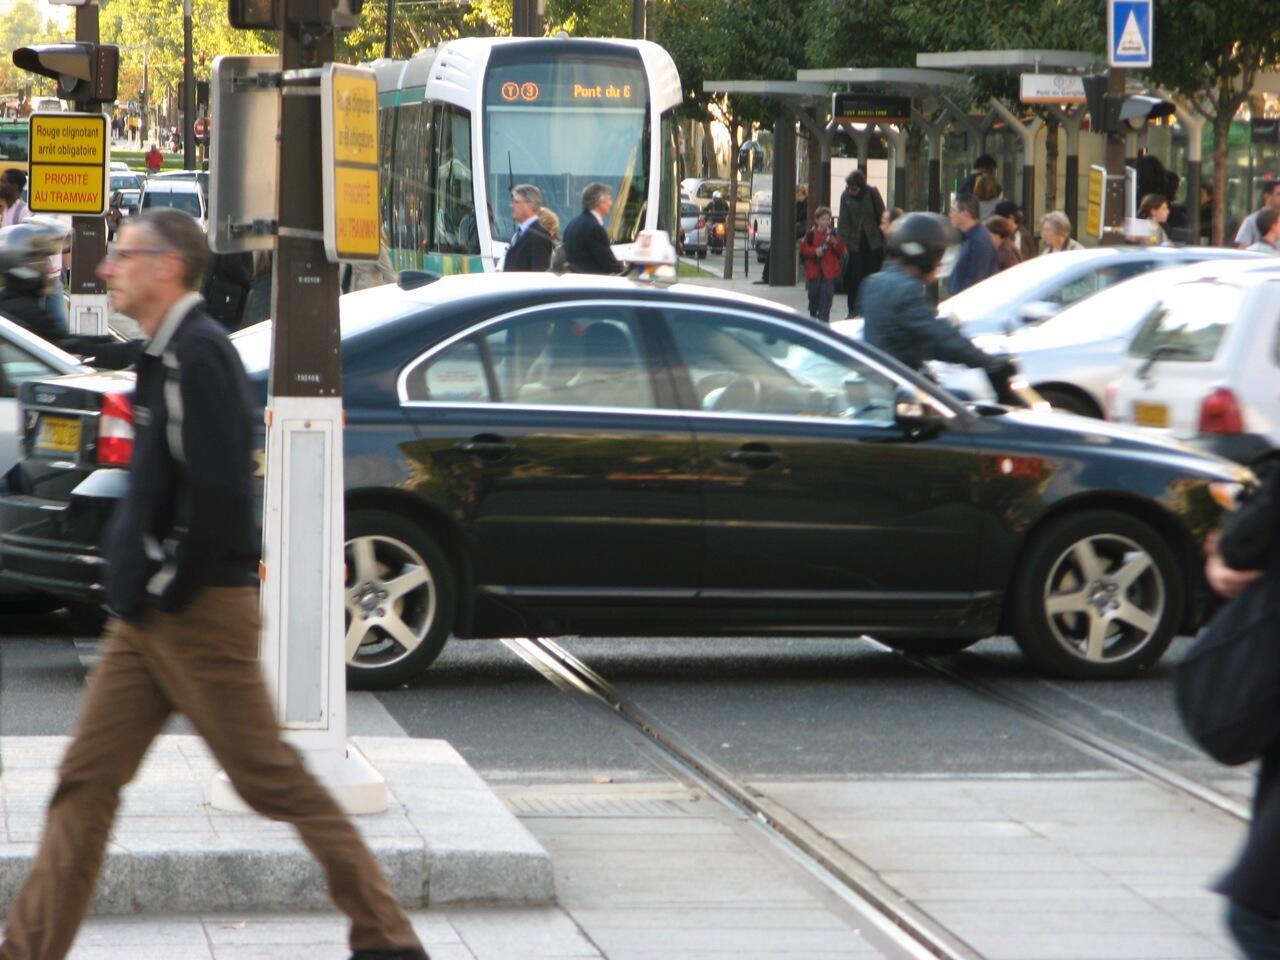 Prefeitura quer incentivar motoristas a abandonar o carro e preferir bicicletas e transportes públicos.